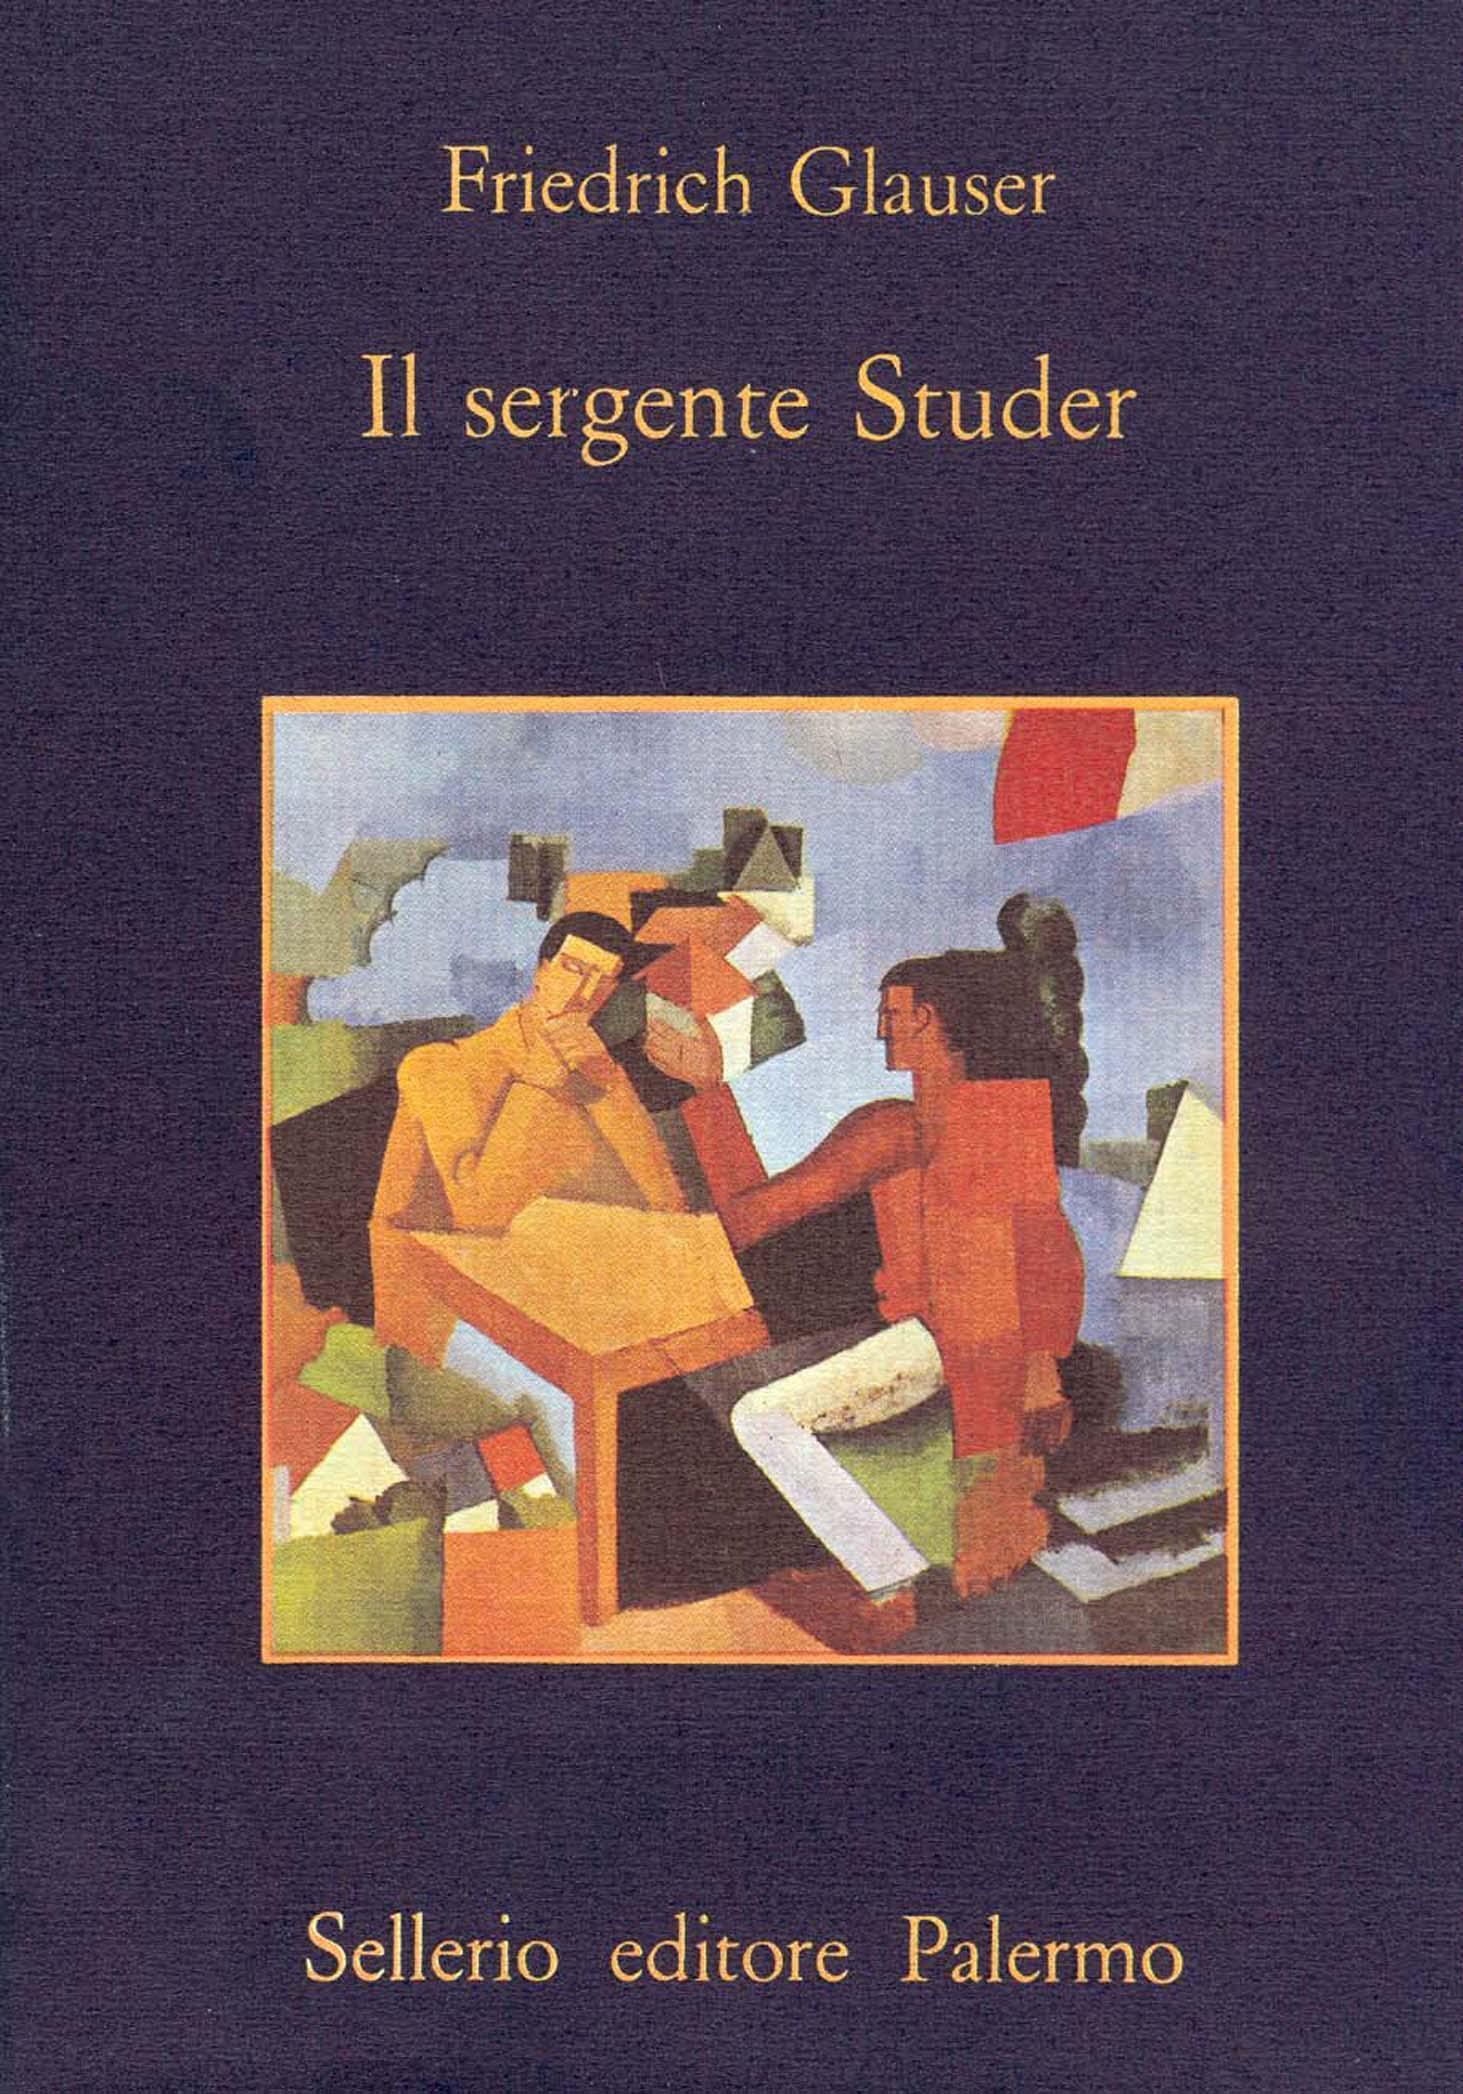 download Reflective Equilibrium: An Essay in Moral Epistemology (Stockholm Studies